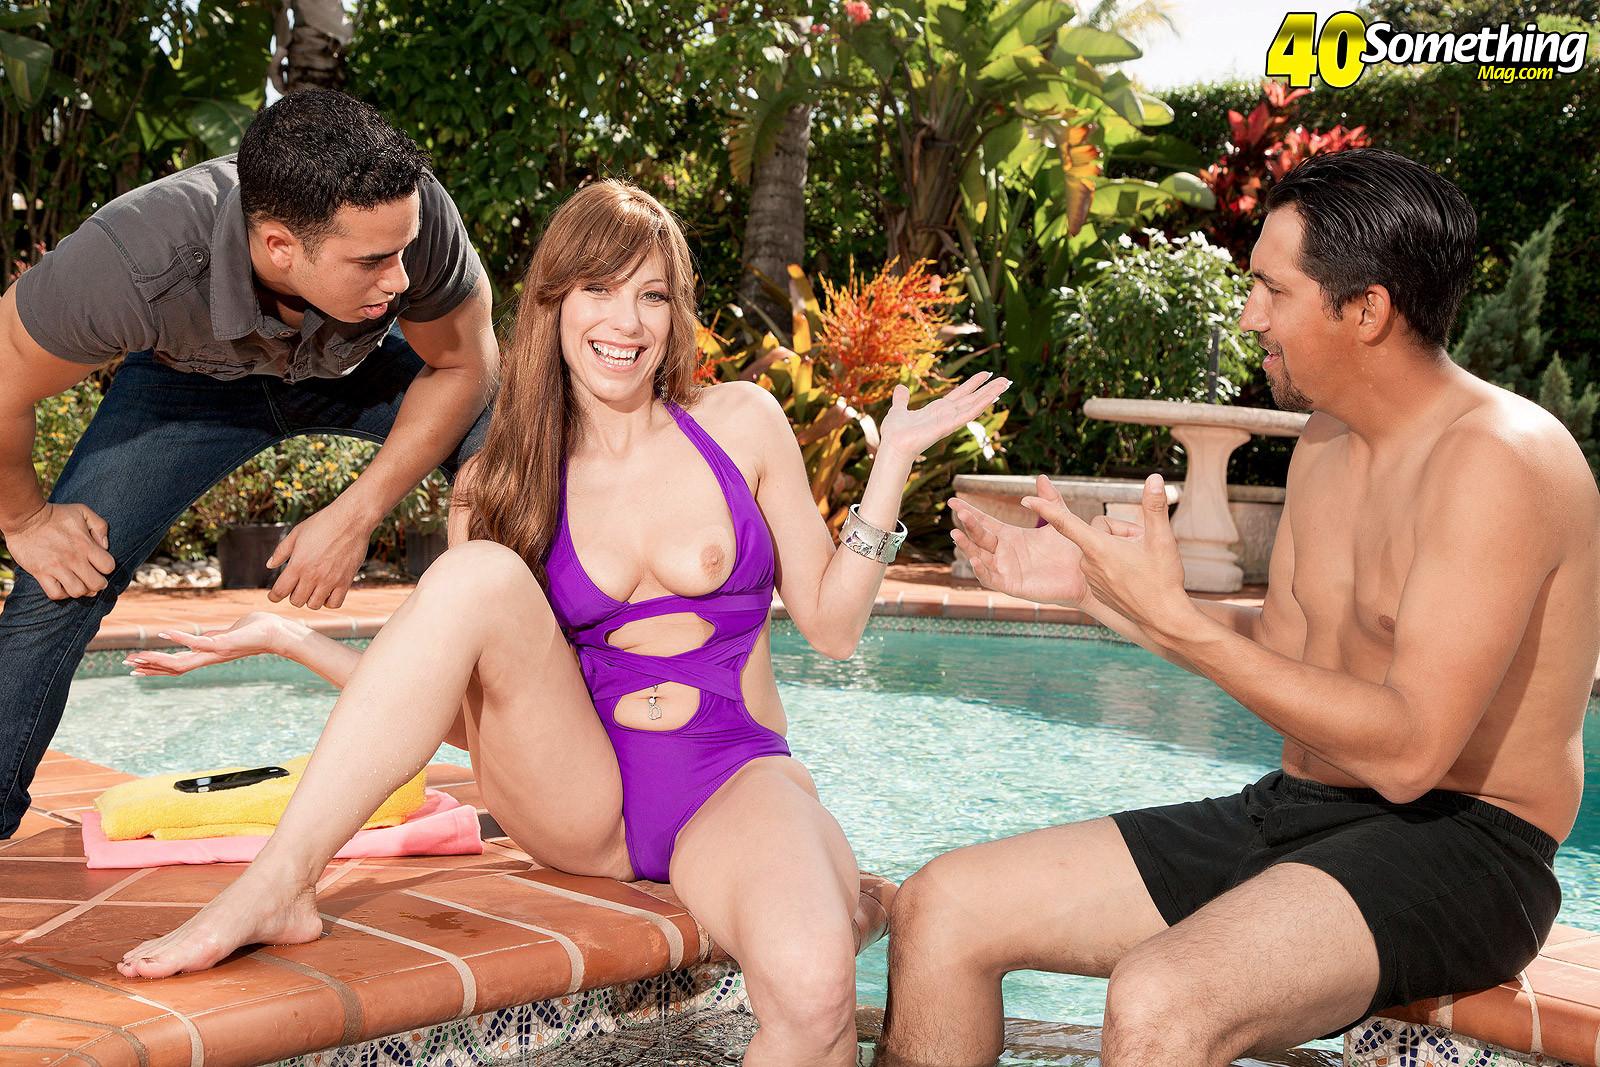 Муж застукал жену, во время ласк с чистильщиком бассейна и трахнул ее вместе с ним